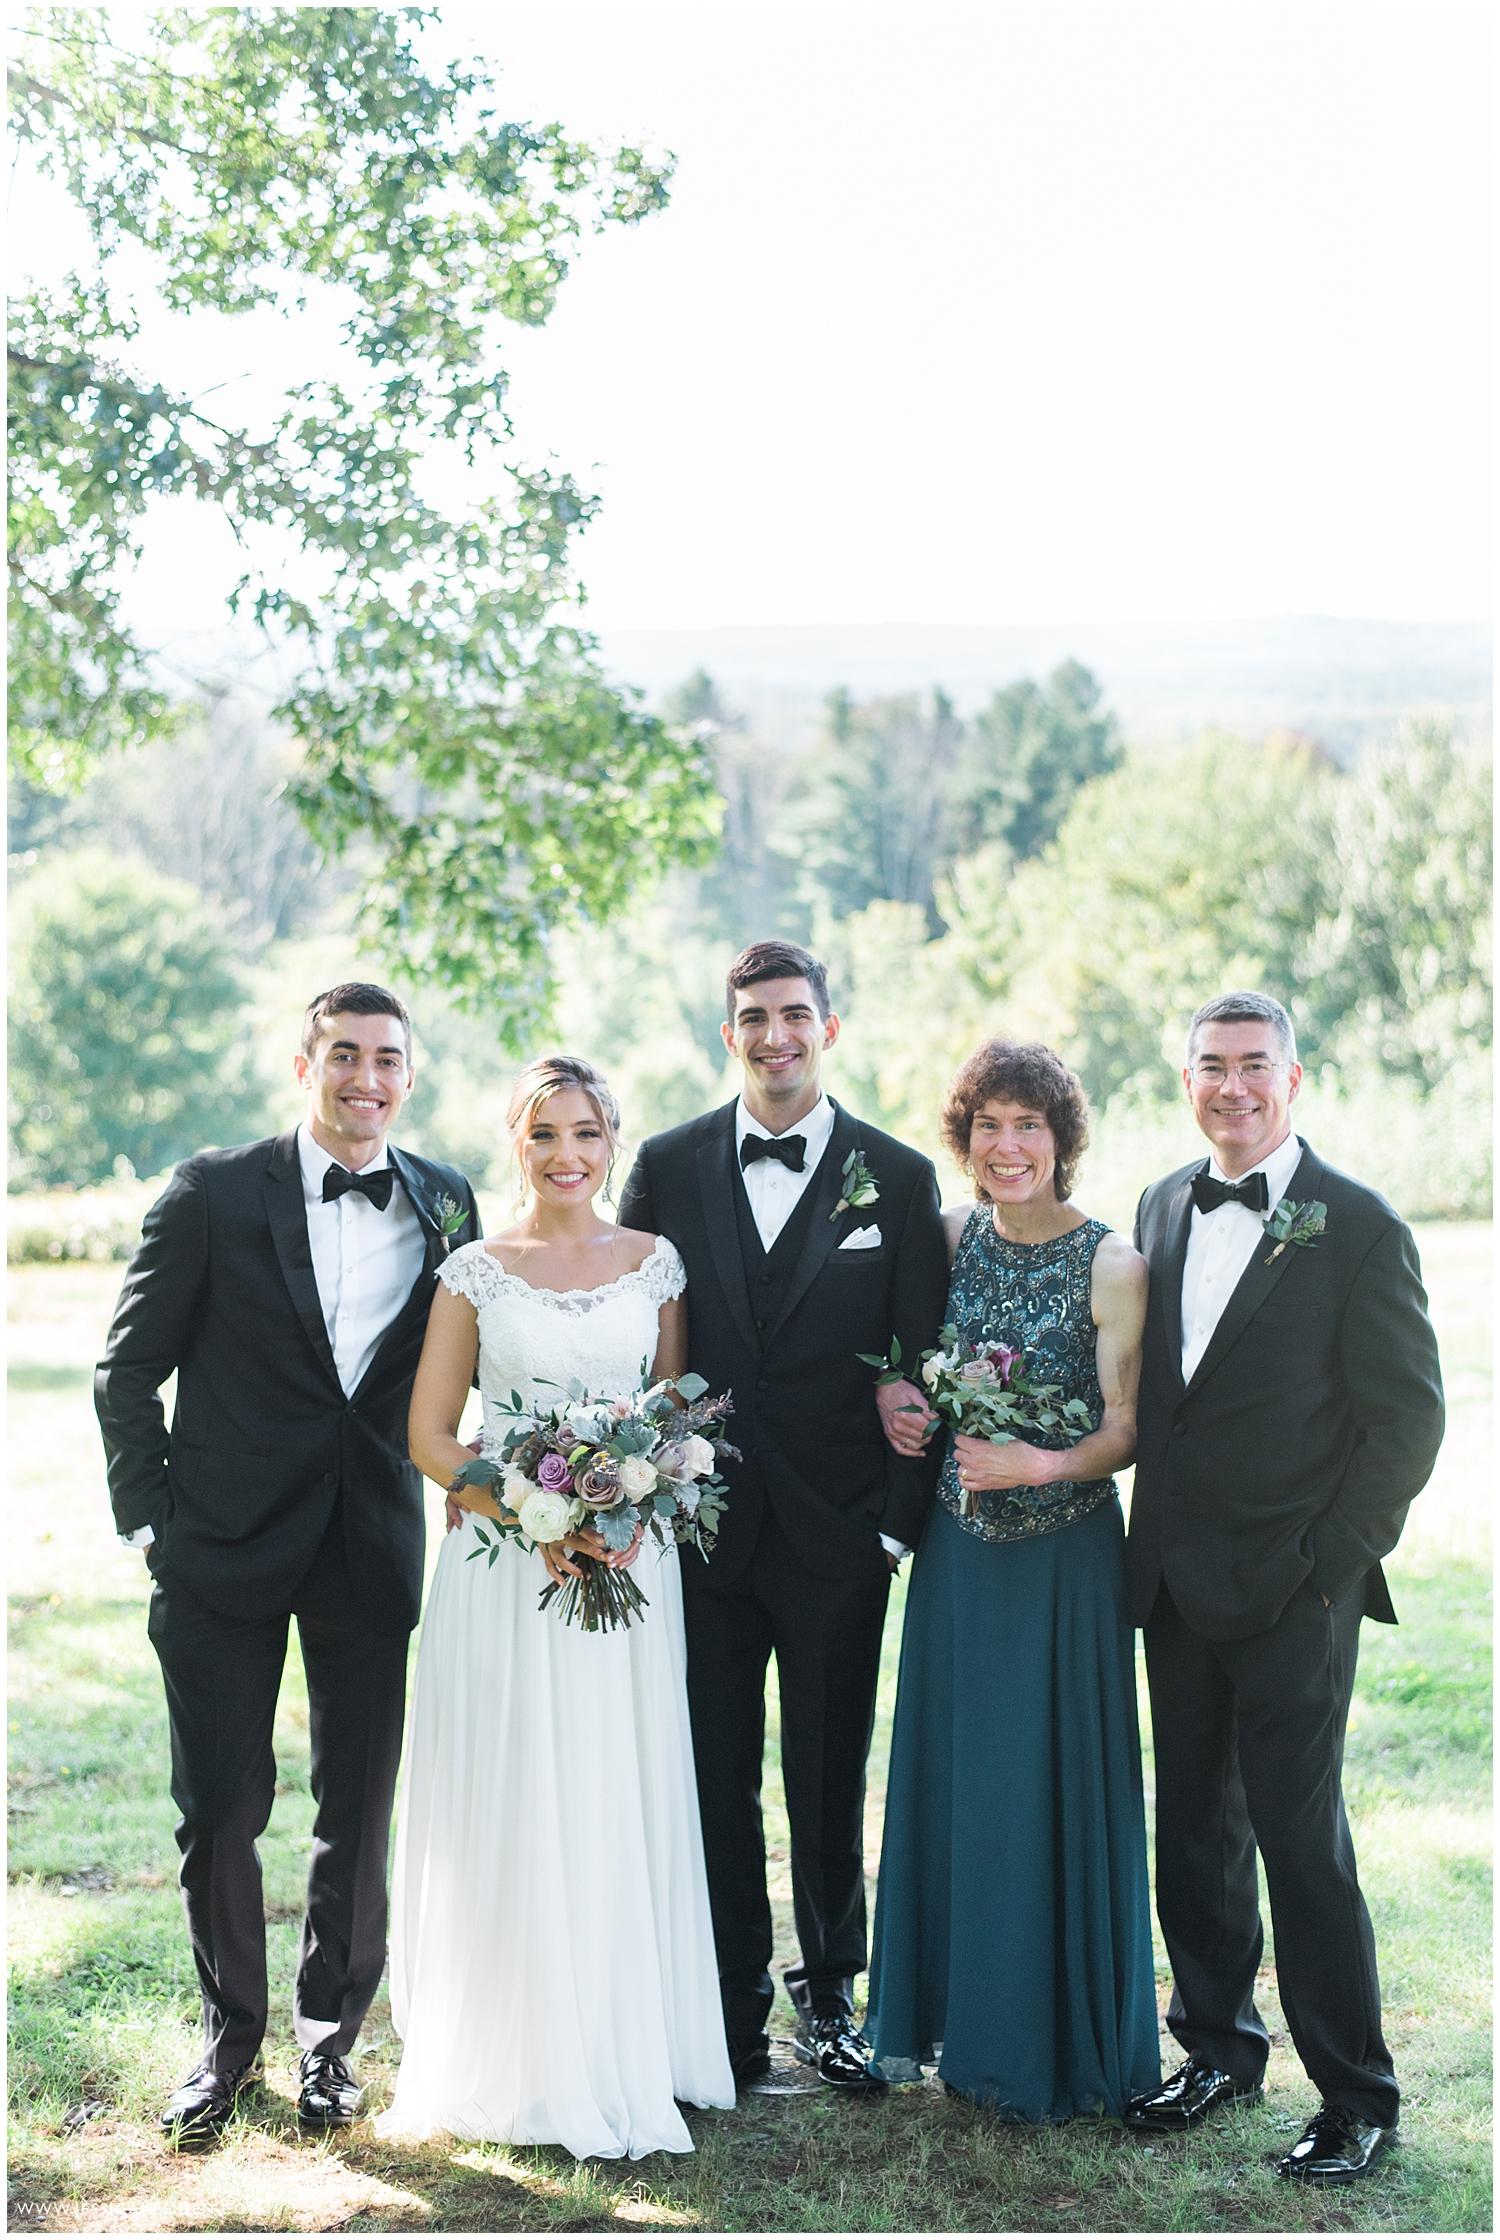 Jessica K Feiden Photography_The Fruitlands Museum Wedding_0025.jpg